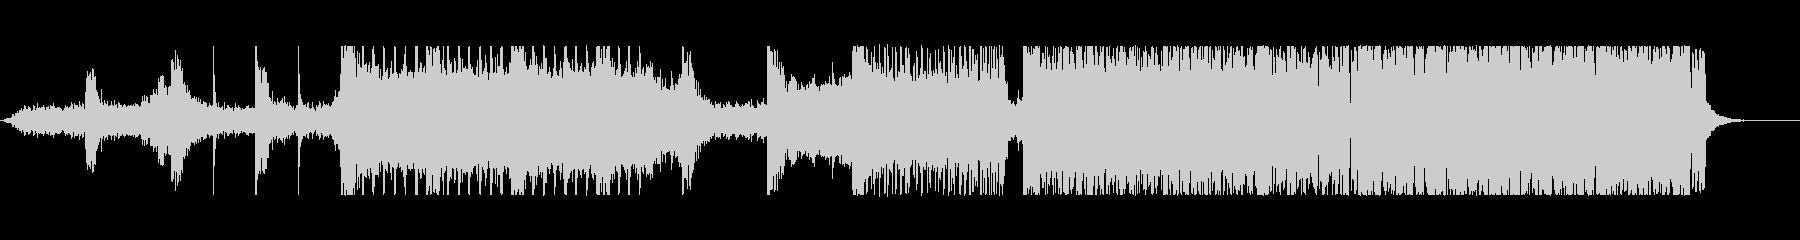 歪んだベース音が主体のドラムンベースの未再生の波形